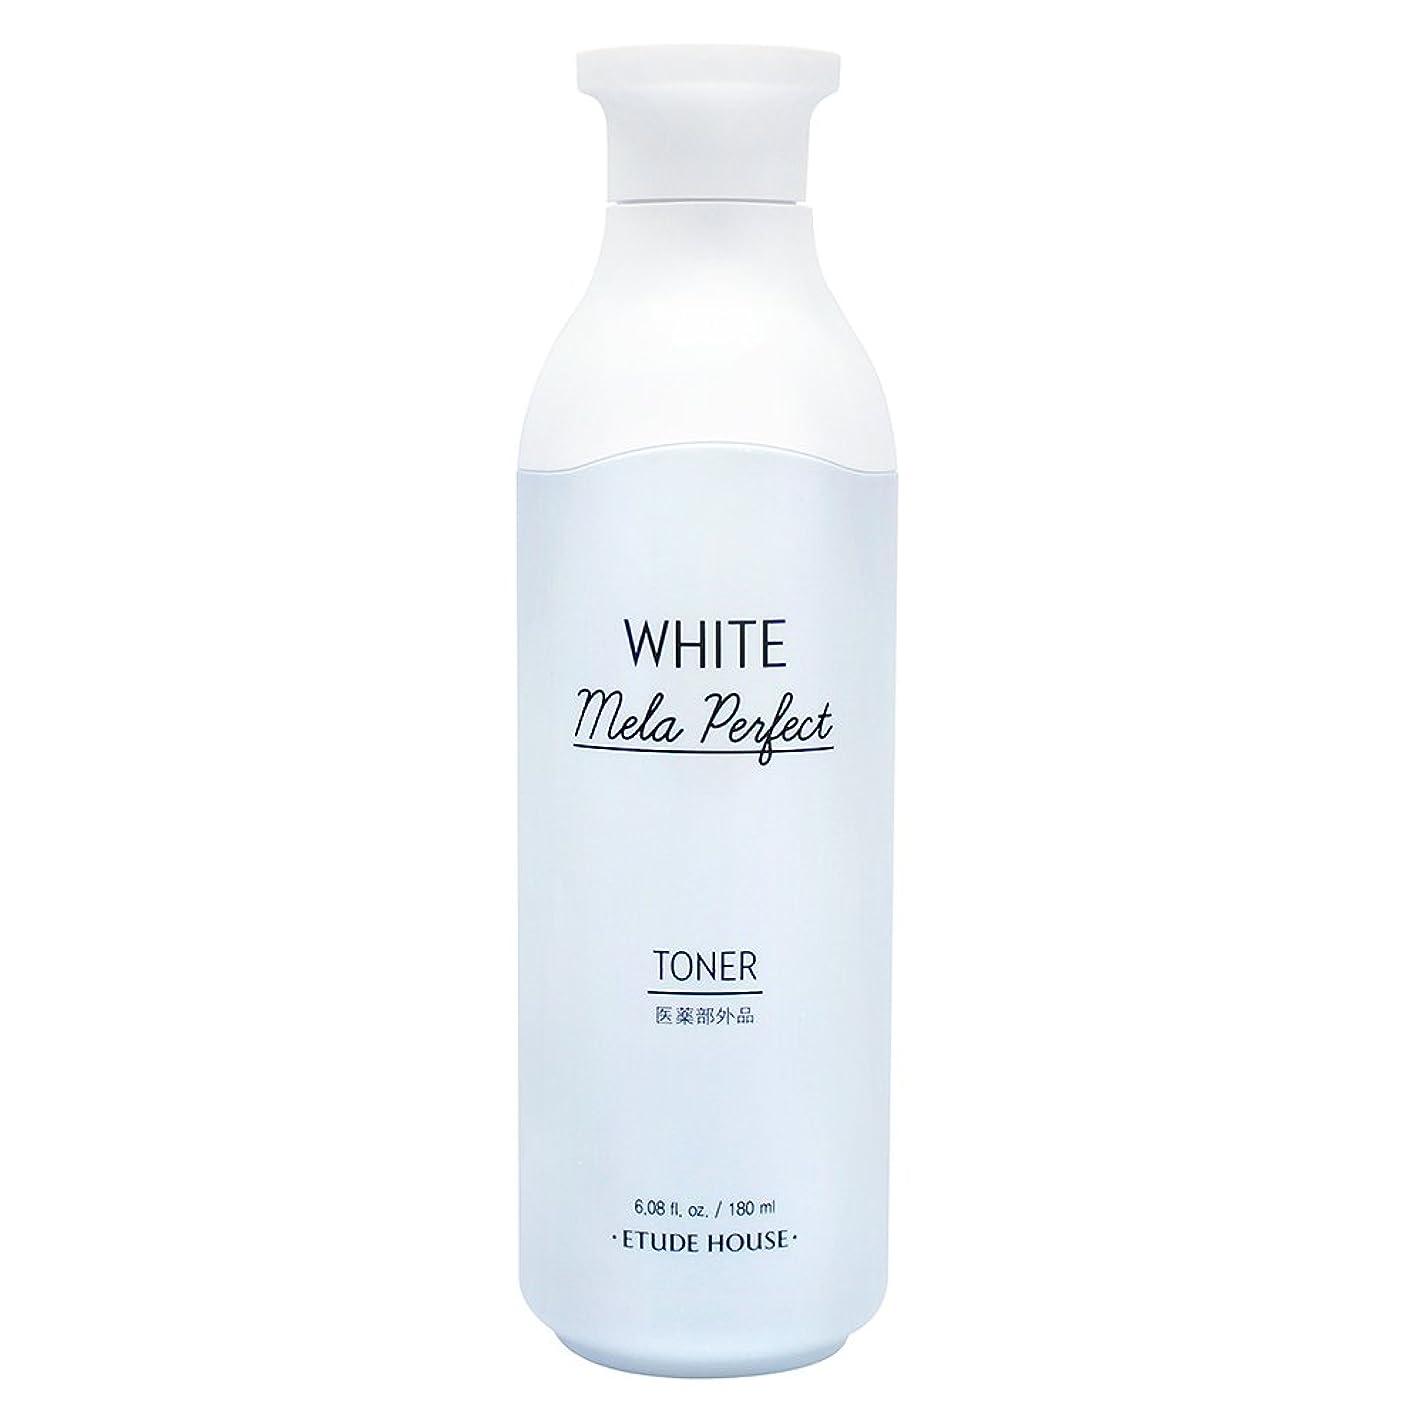 近く現実きらめくエチュードハウス(ETUDE HOUSE) ホワイトメラパーフェクト トナー[美白化粧水、化粧水]